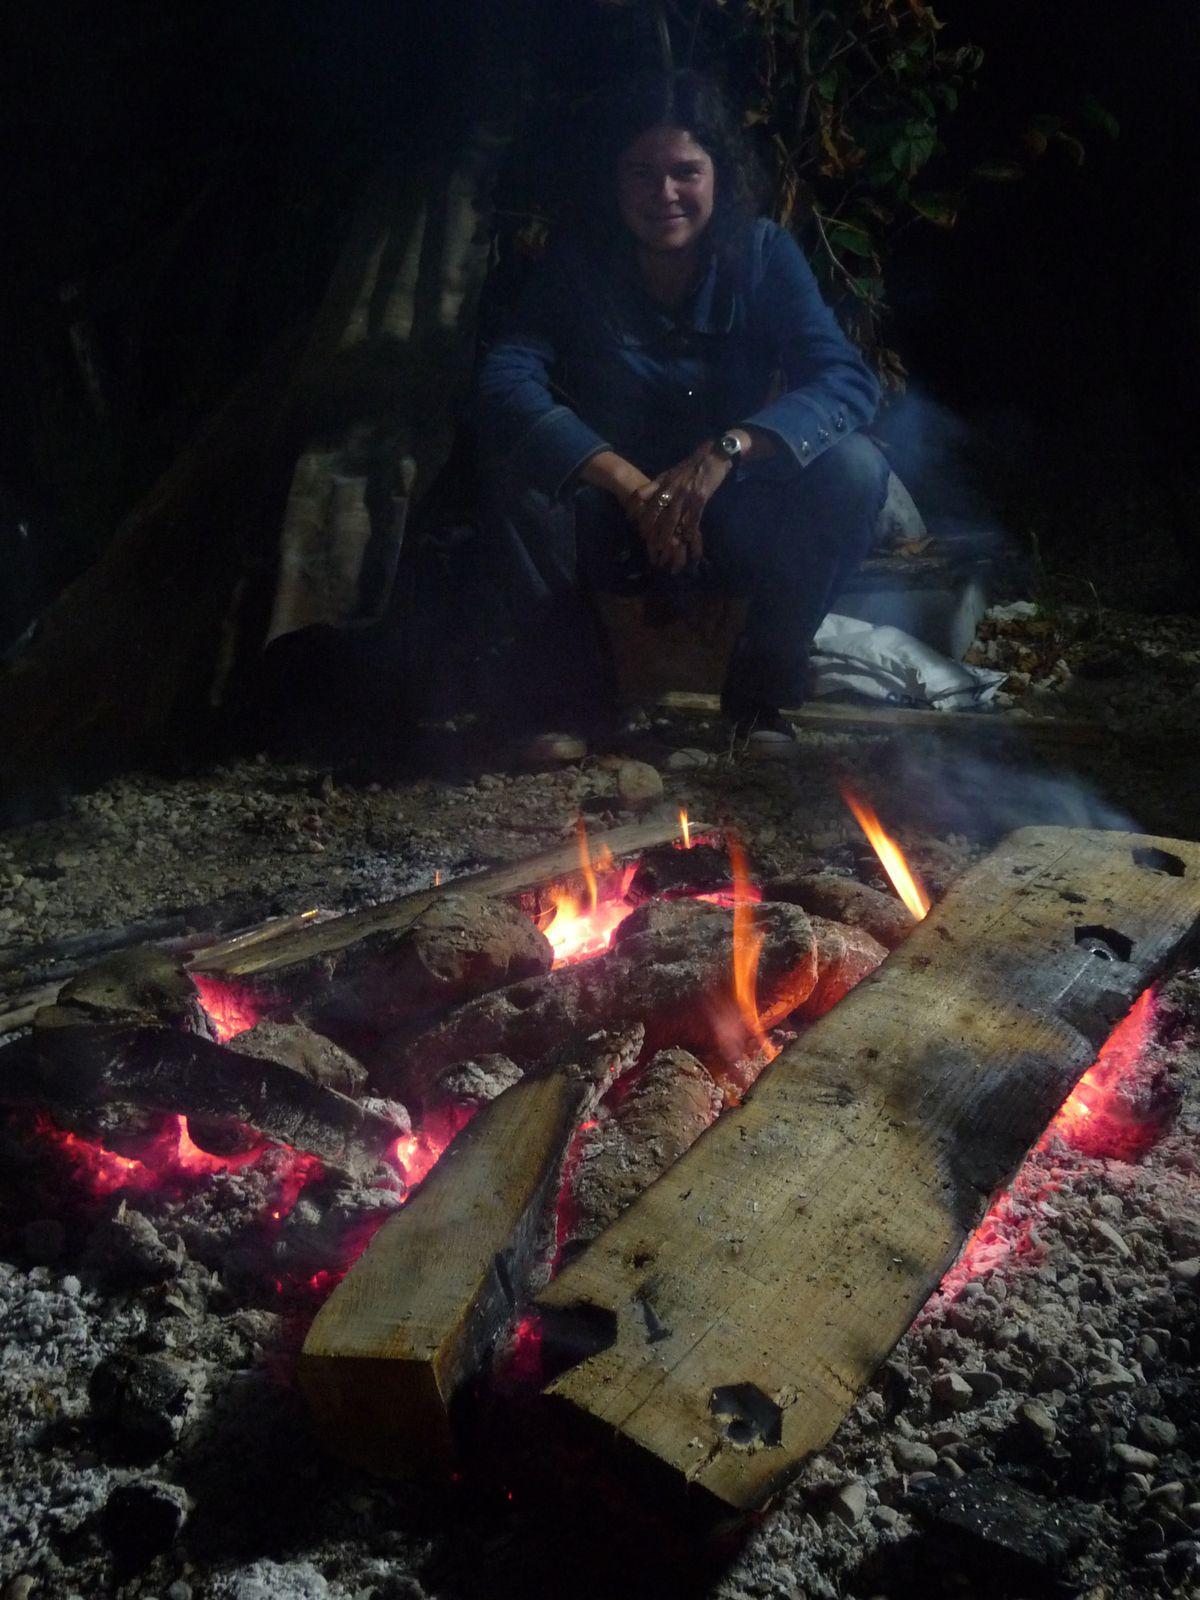 Et pendant ce temps-là, au coin du feu, où les moules sèchent...